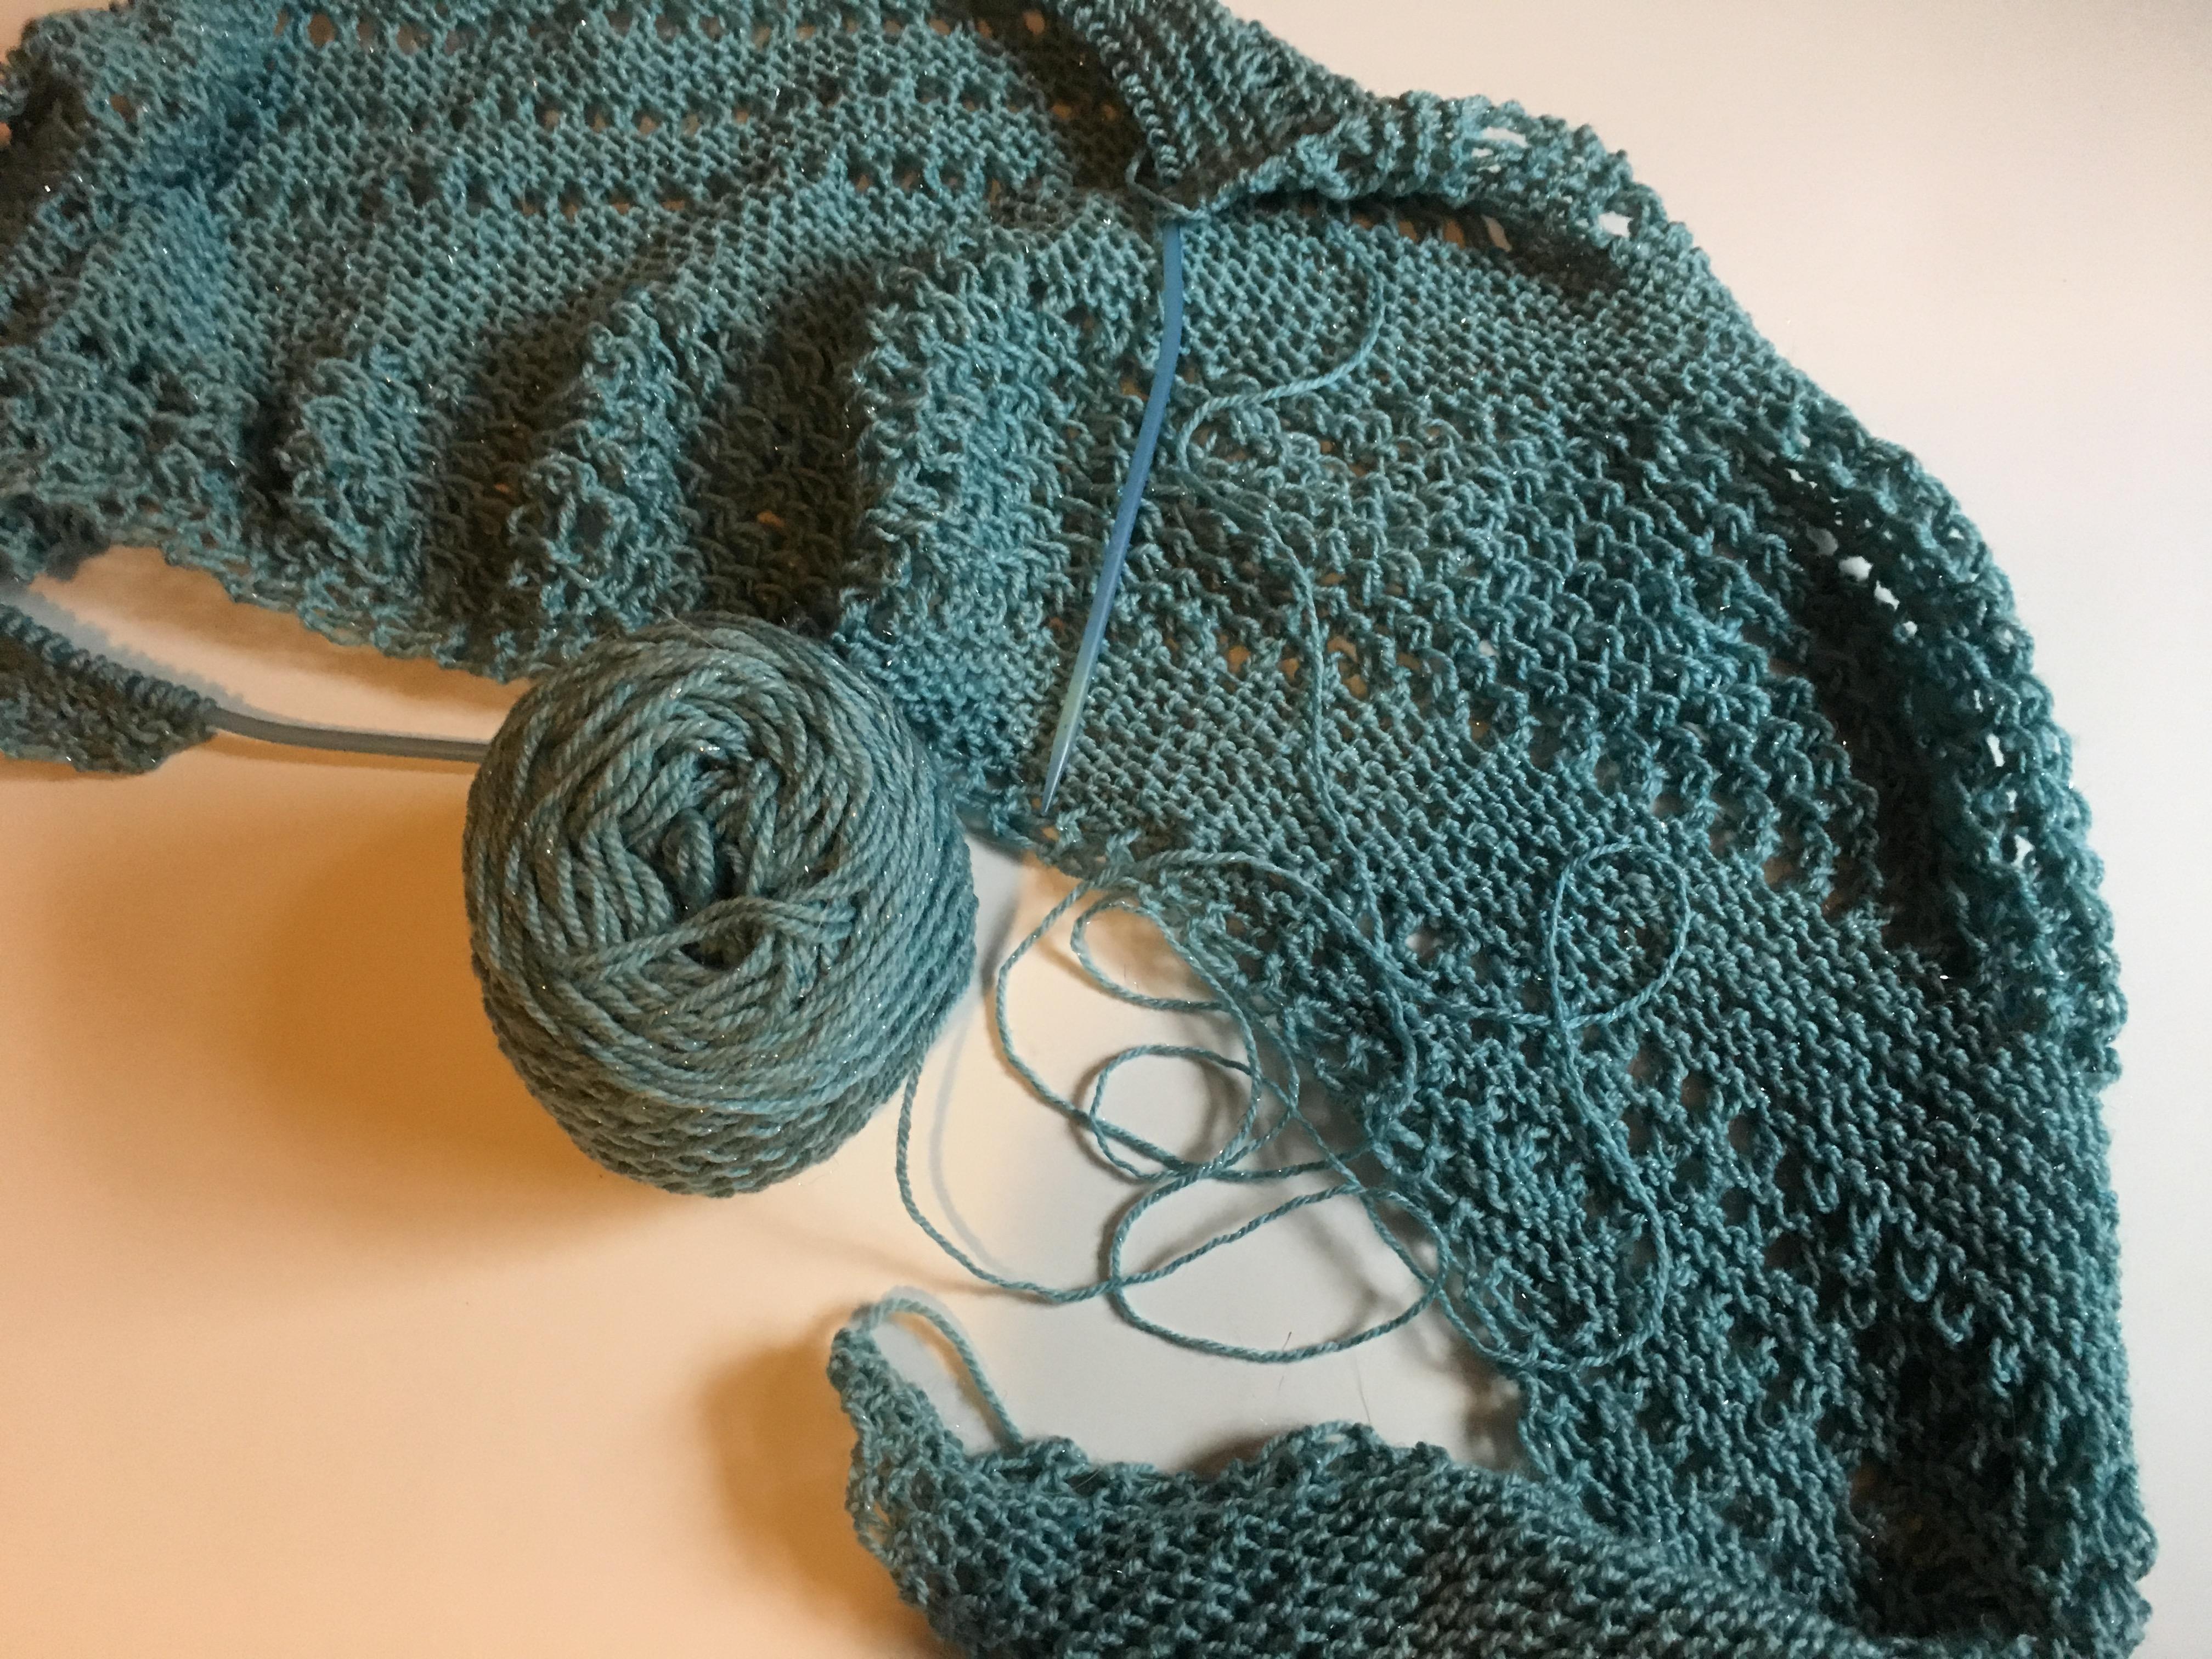 Knitting this week